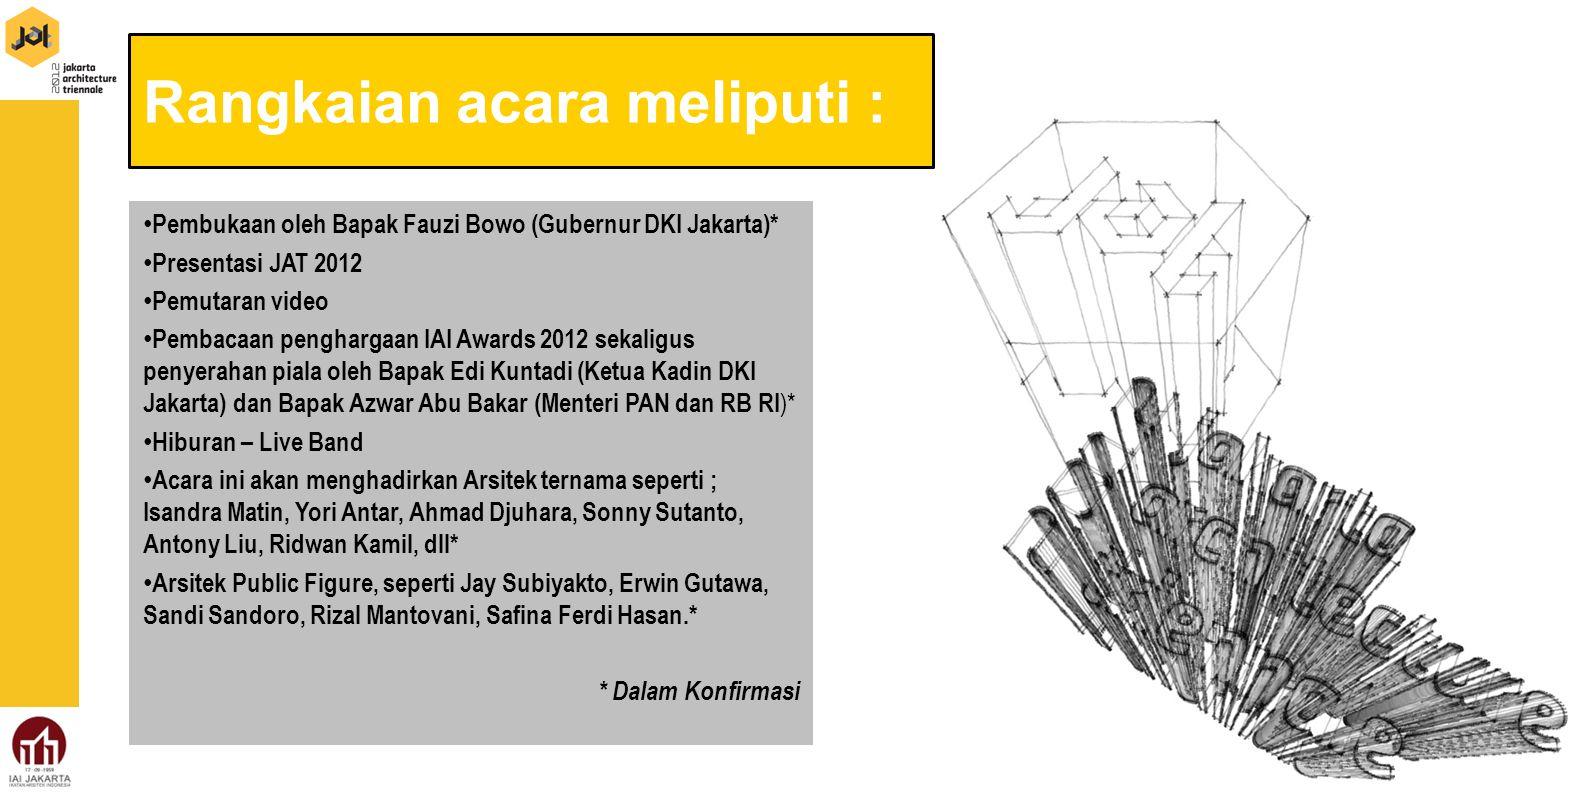 Rangkaian acara meliputi : Pembukaan oleh Bapak Fauzi Bowo (Gubernur DKI Jakarta)* Presentasi JAT 2012 Pemutaran video Pembacaan penghargaan IAI Award